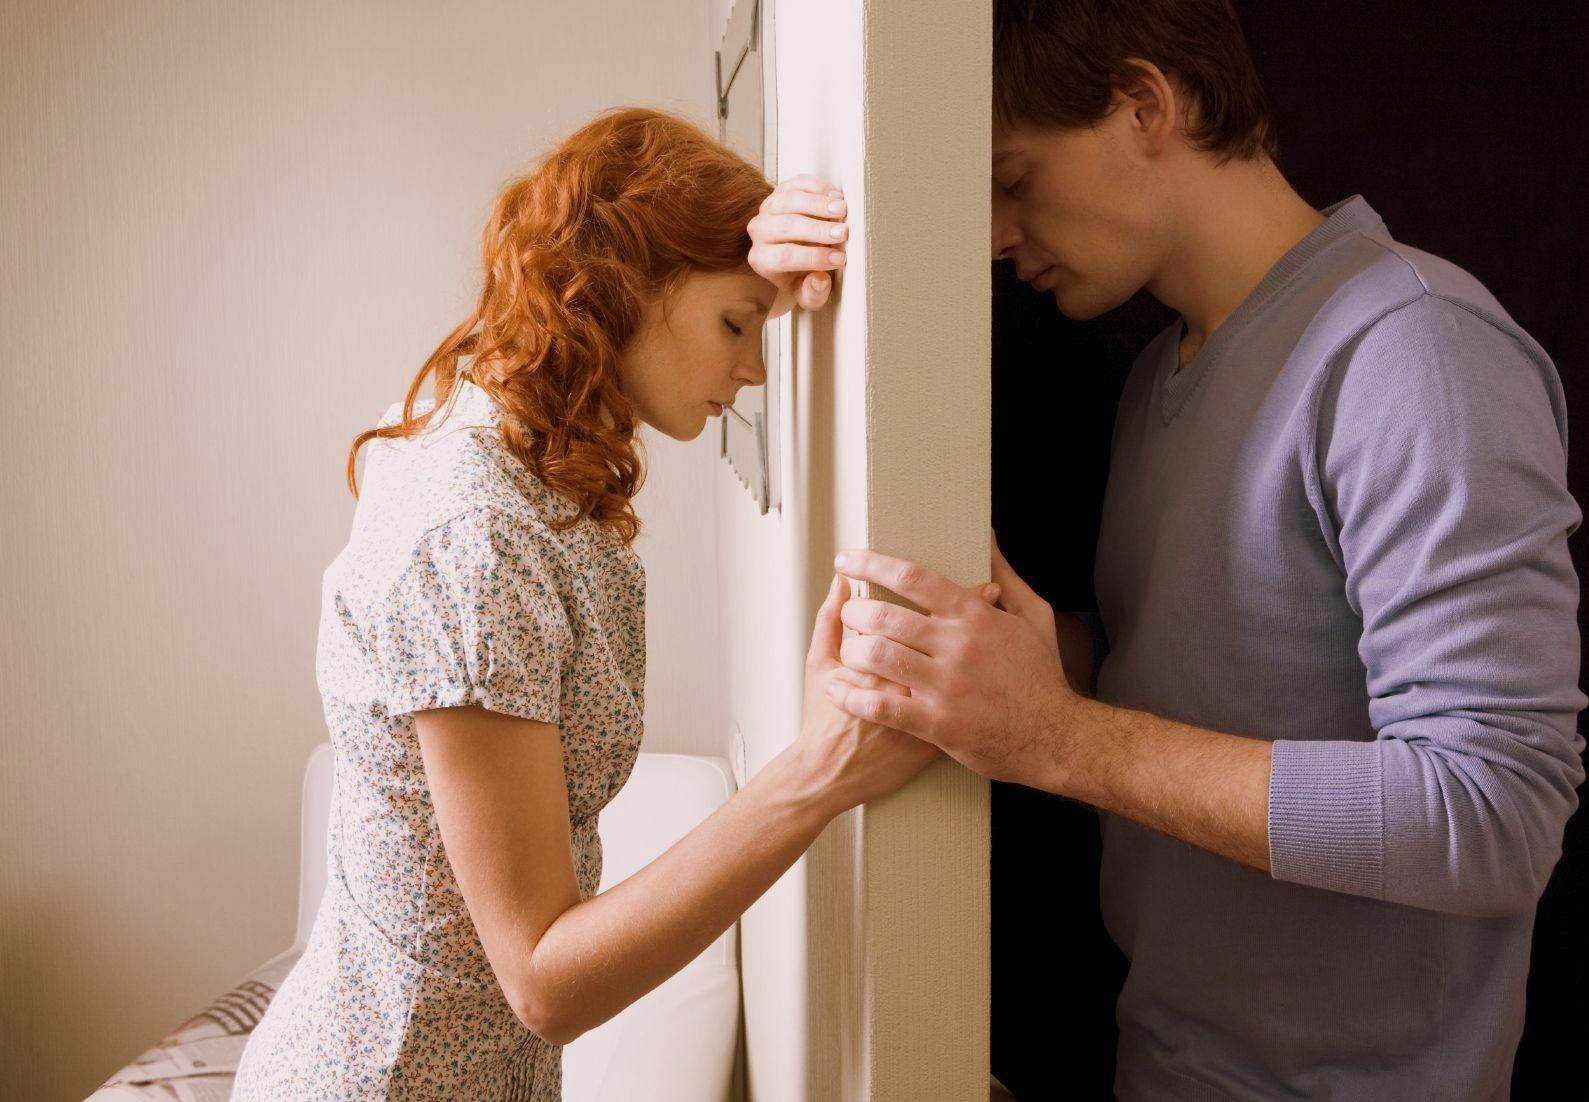 Как заставить мужчину думать о тебе (на расстоянии 5 способов) 11